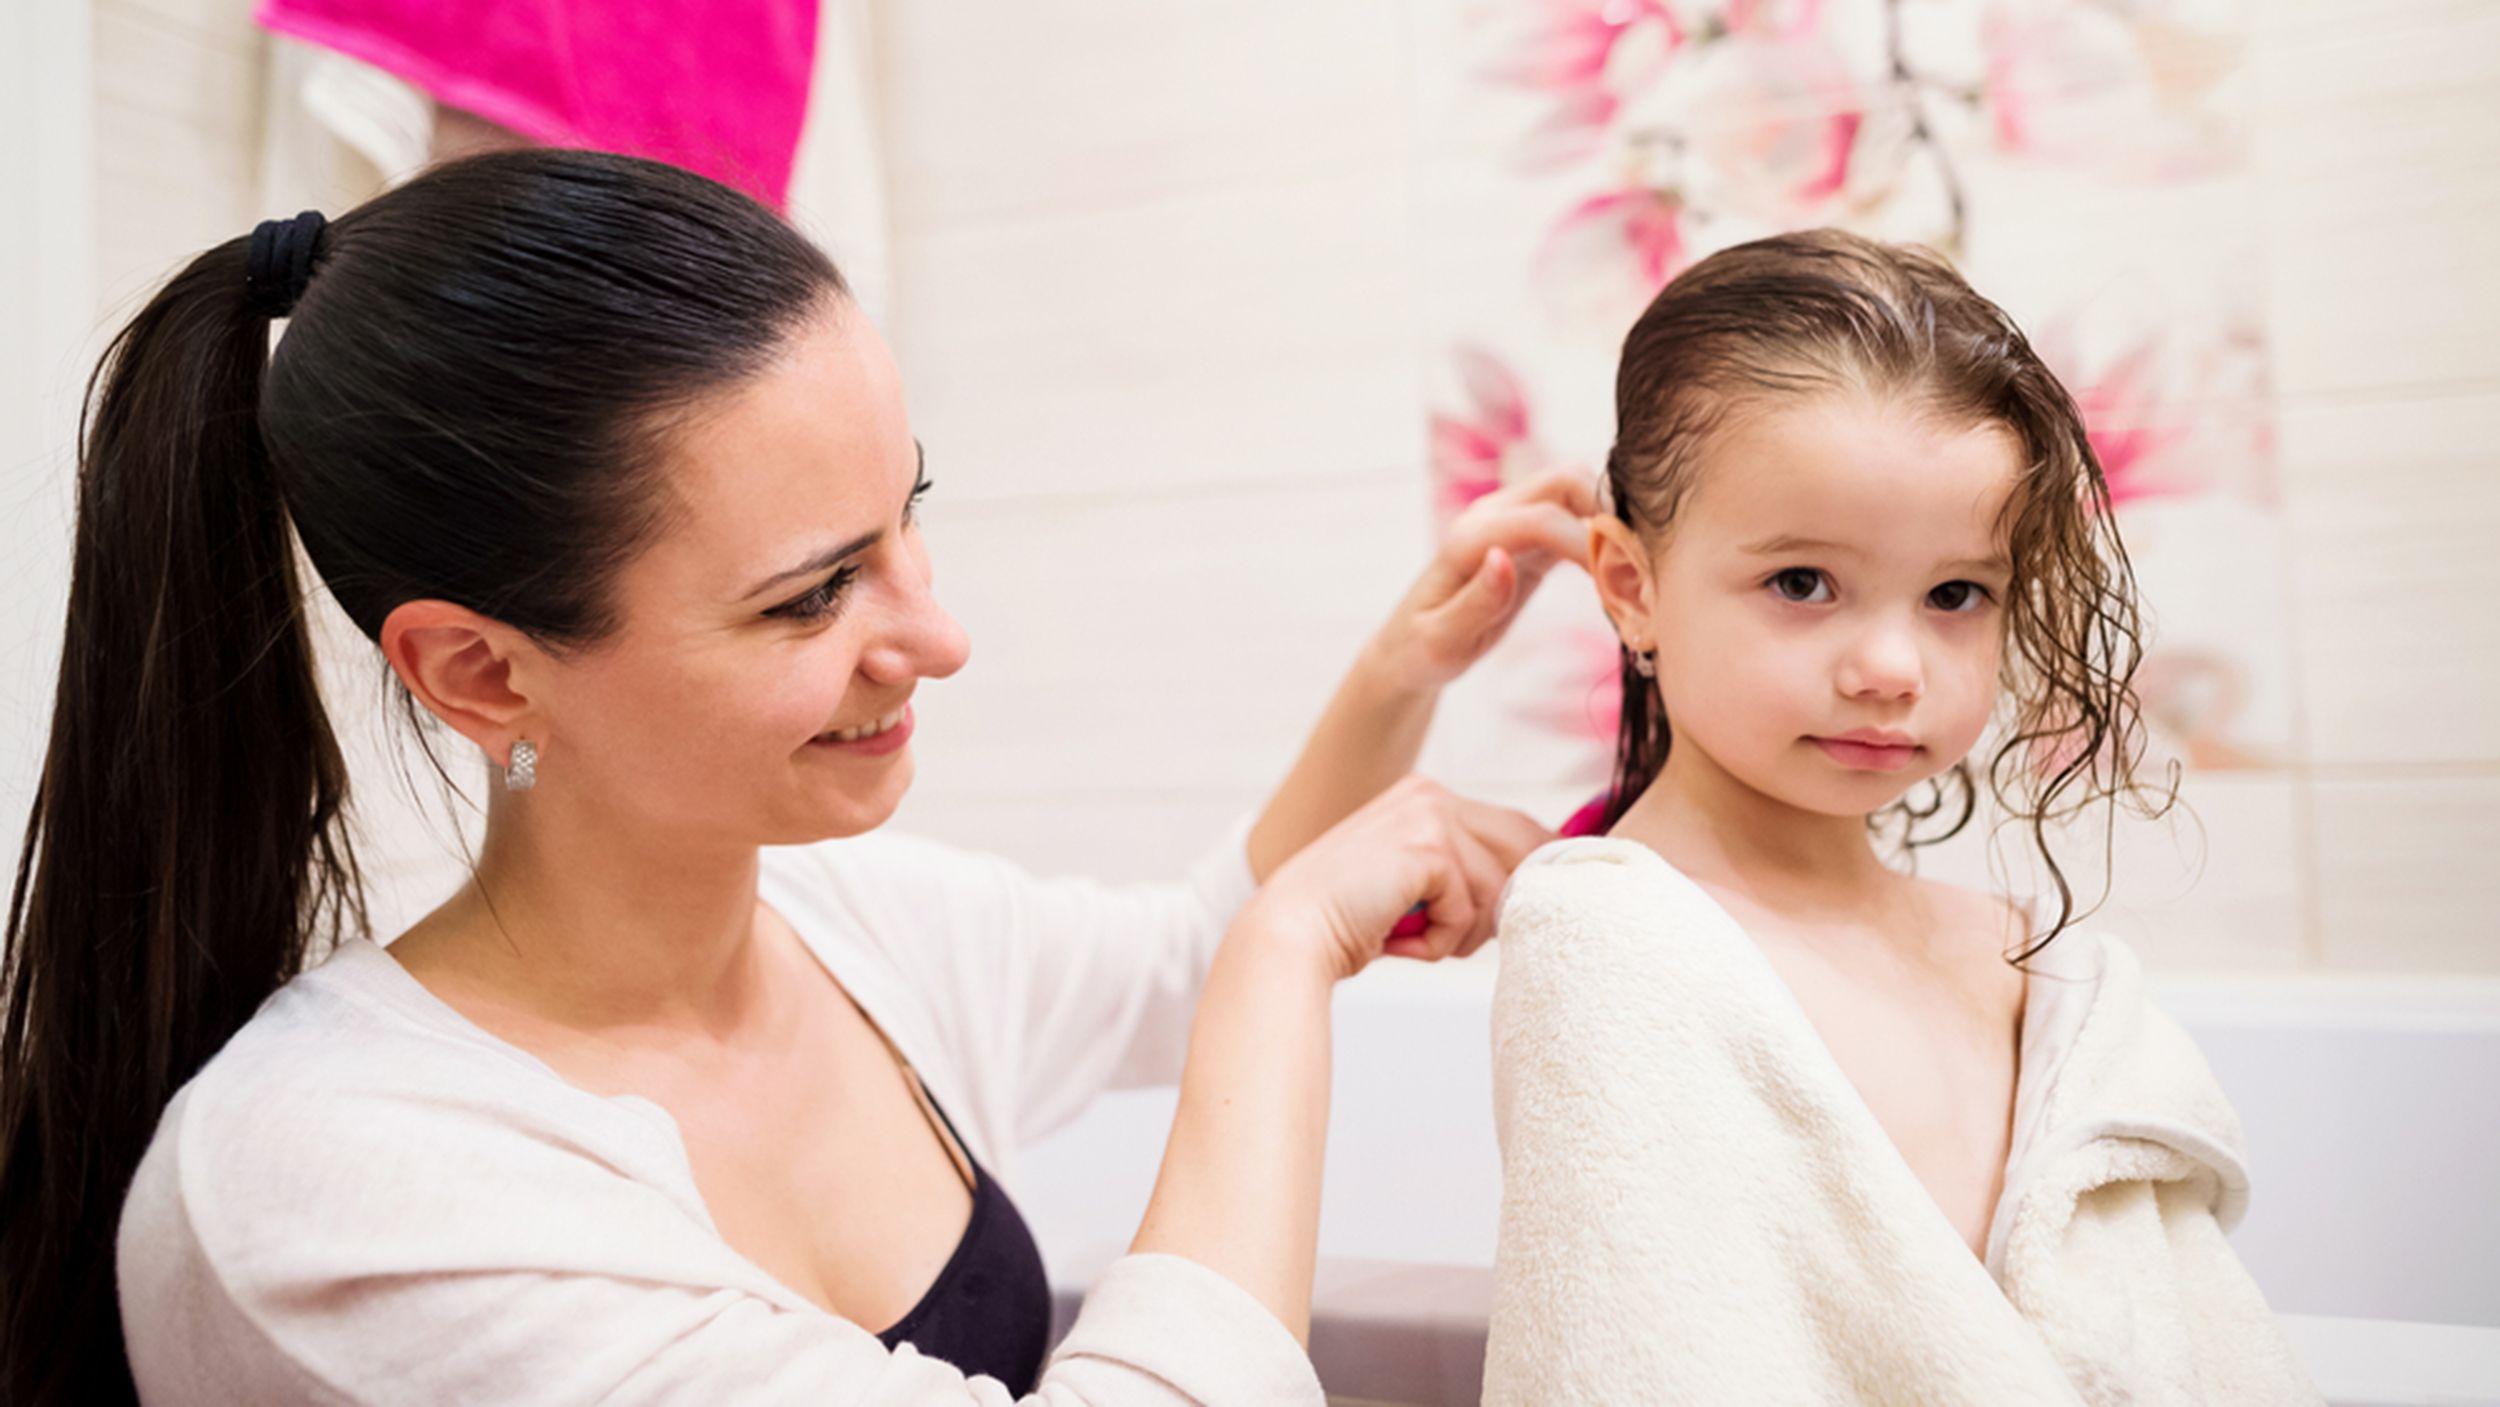 No More Tangles 19 Tips For Easy To Brush Hair All Summer Long Hair Detangler Tangled Hair Hair Problems